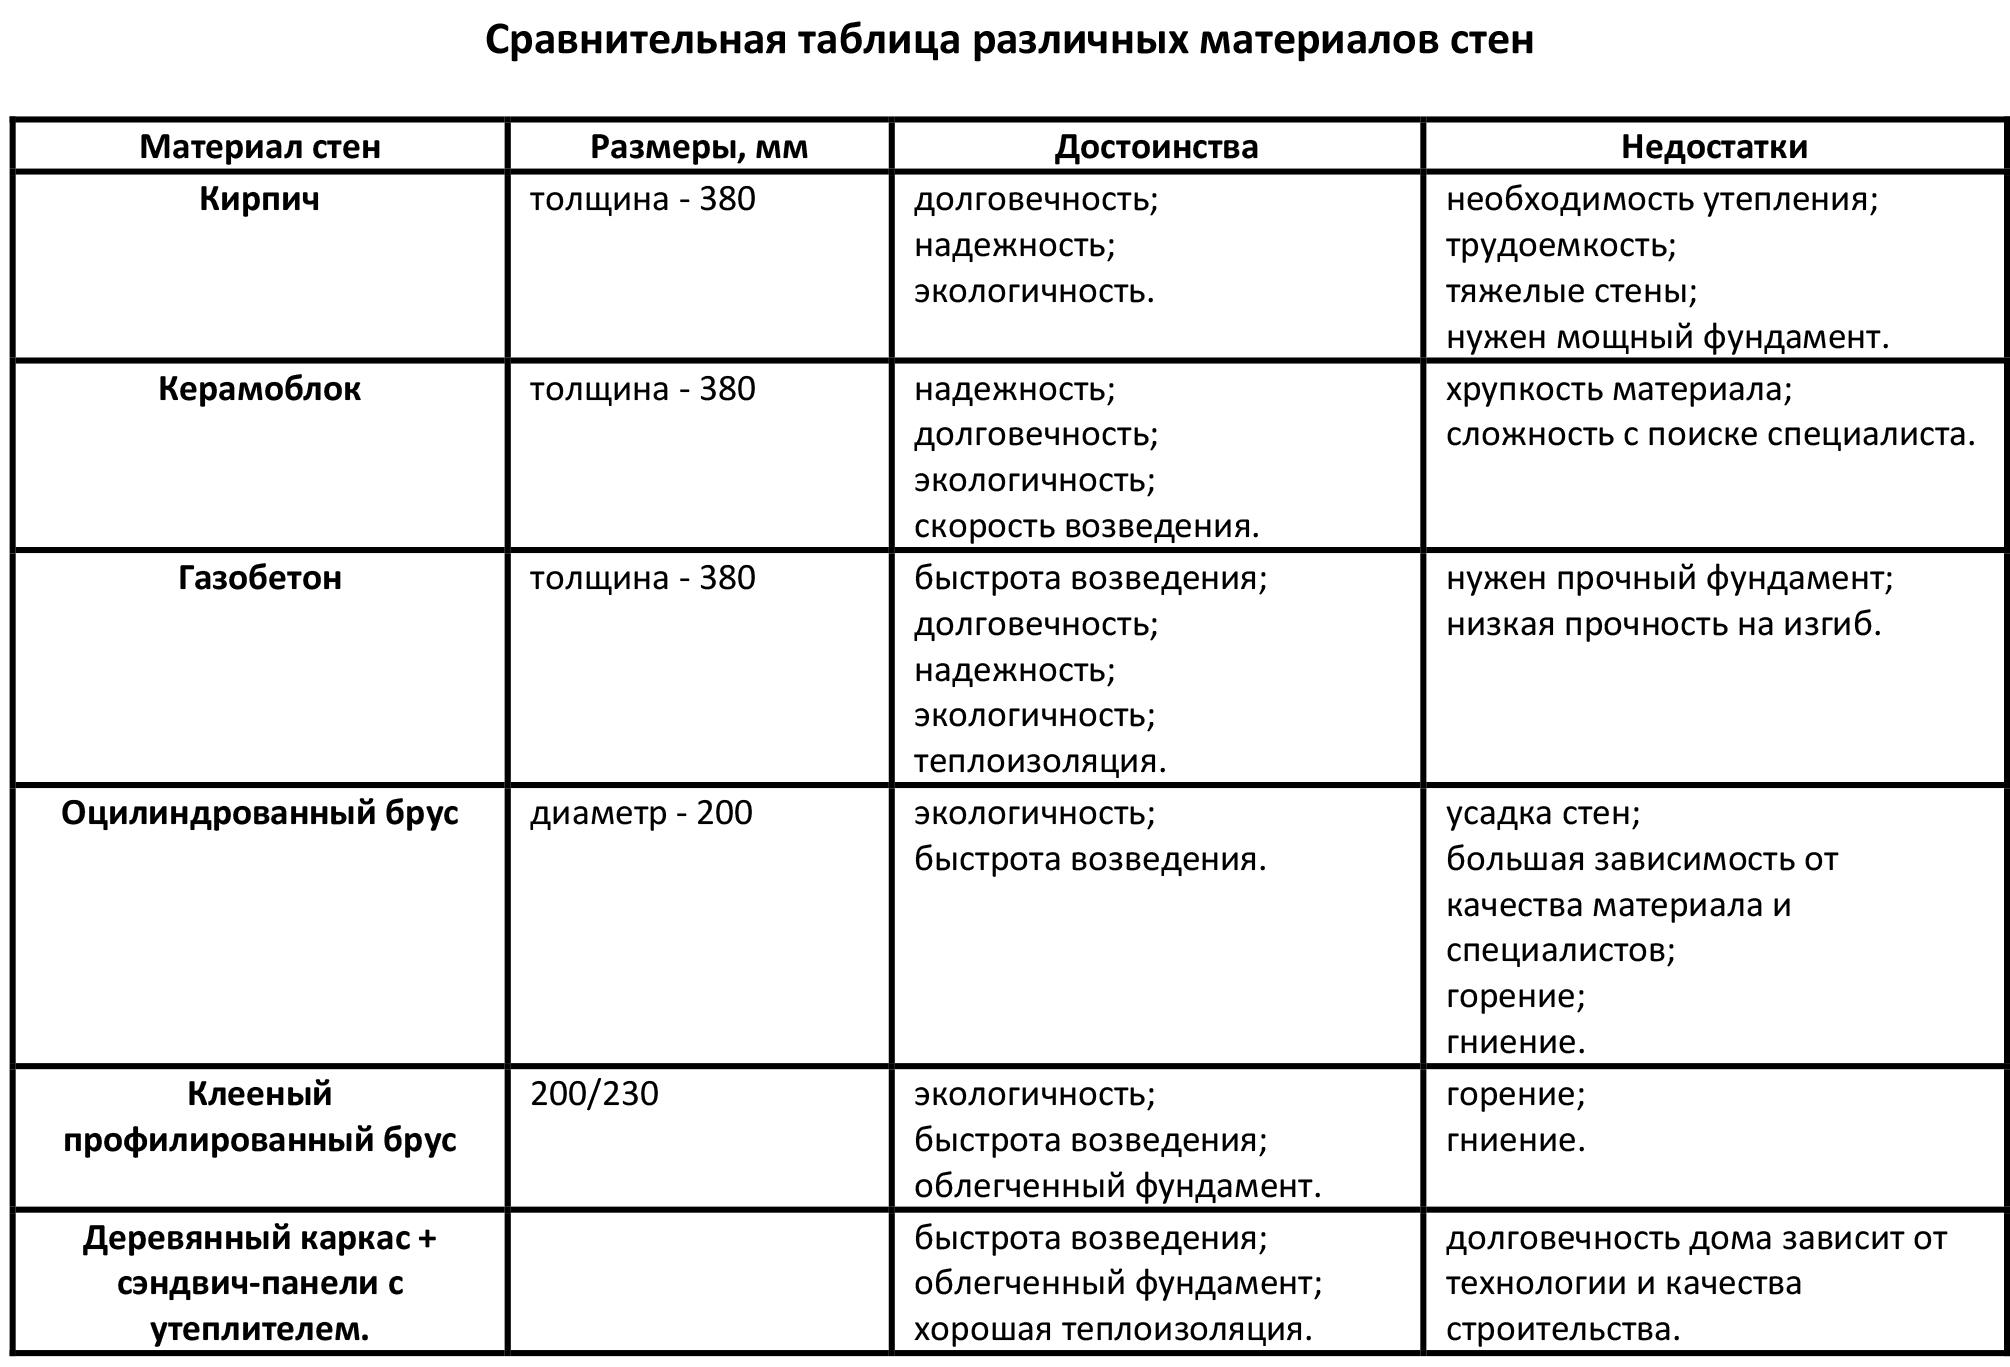 Сравнительная таблица различных материалов стен